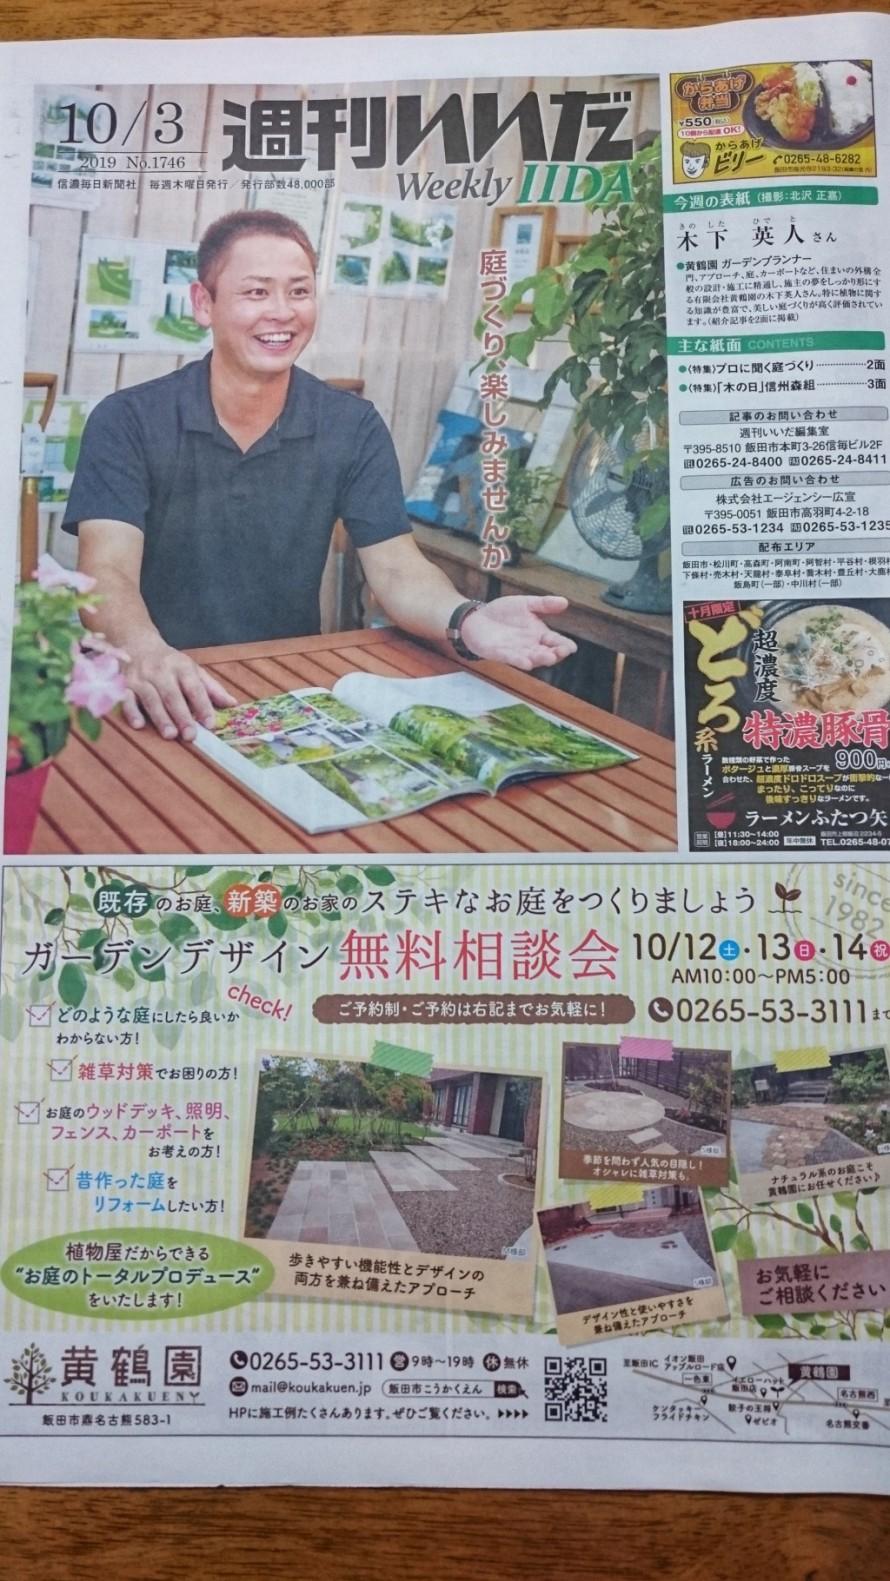 飯田市でお庭の事なら何でもお気軽にご相談。お庭の無料相談会。予約承り中。お電話ください。